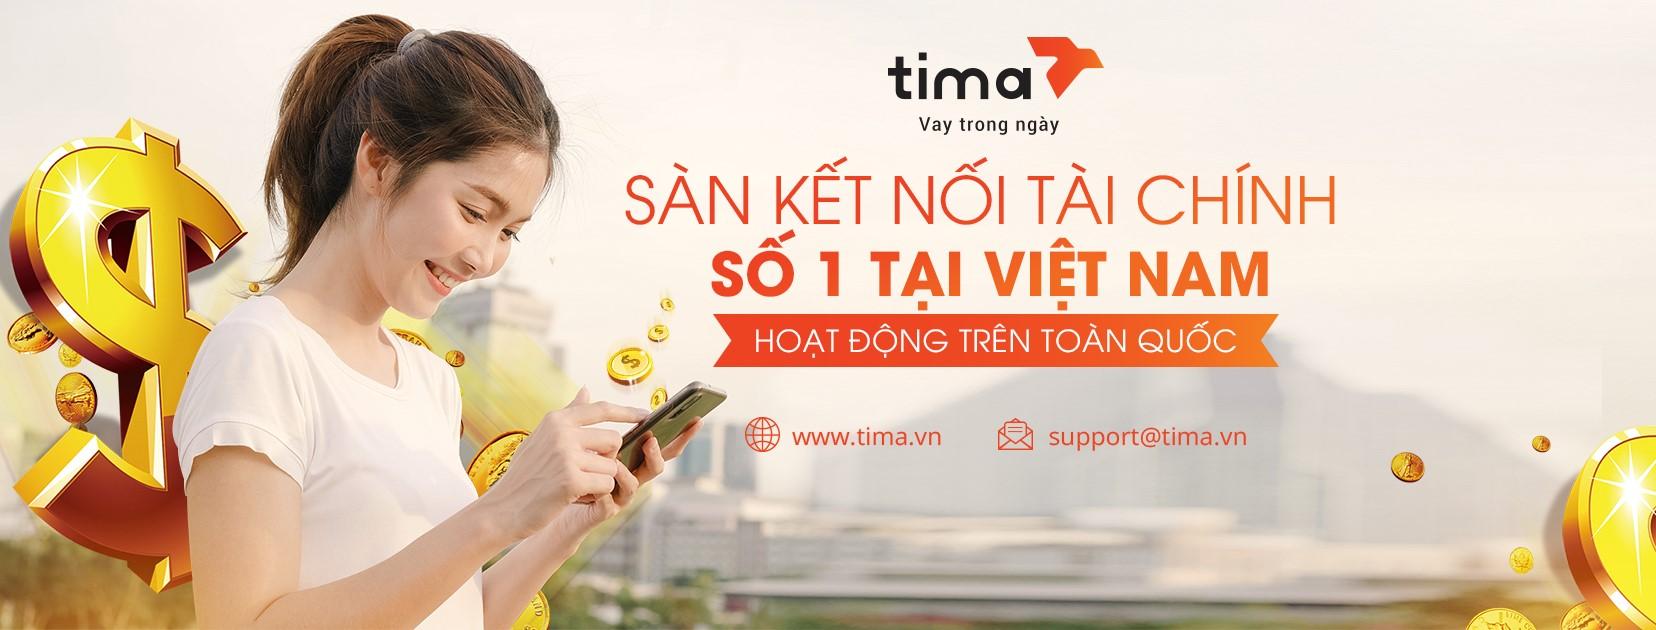 Giới thiệu về Tima